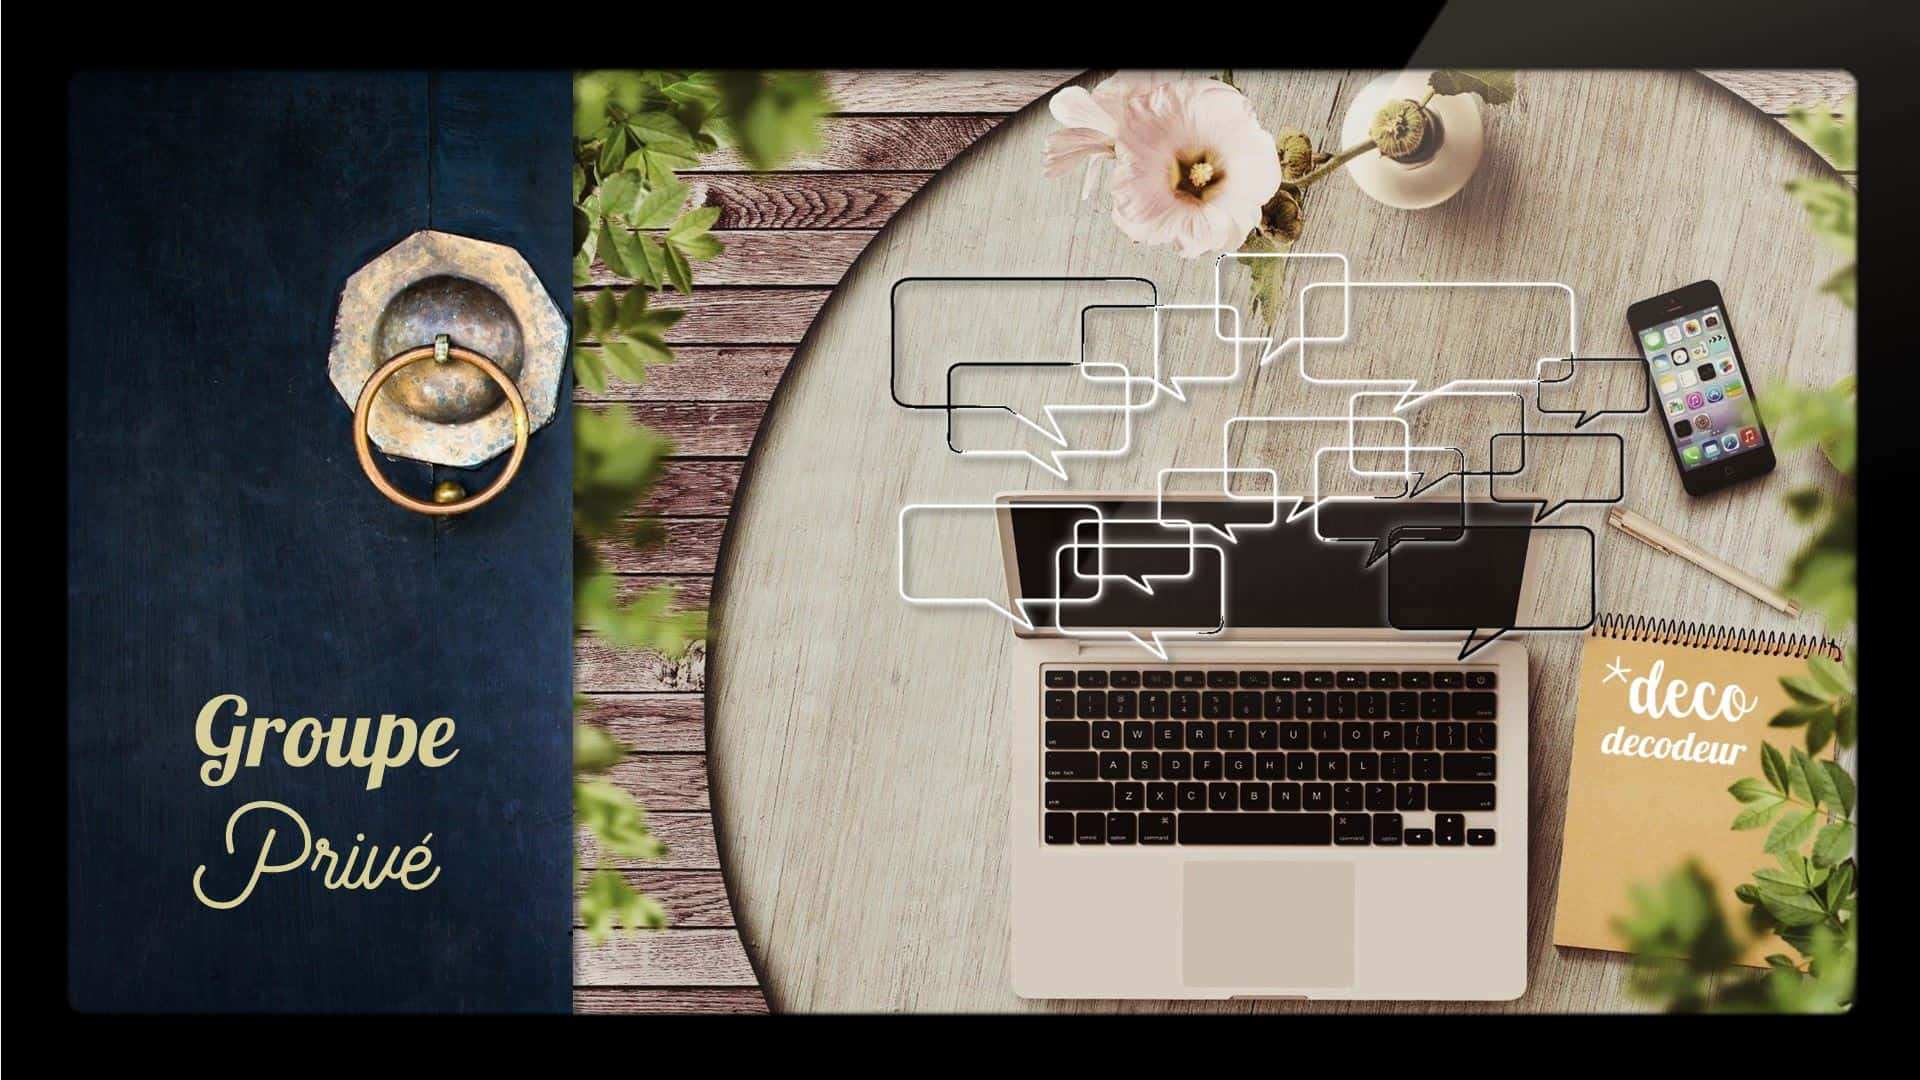 Formation en ligne à domicile escale design et deco décoration intérieur maison décoratrice mes secrets déco conseils